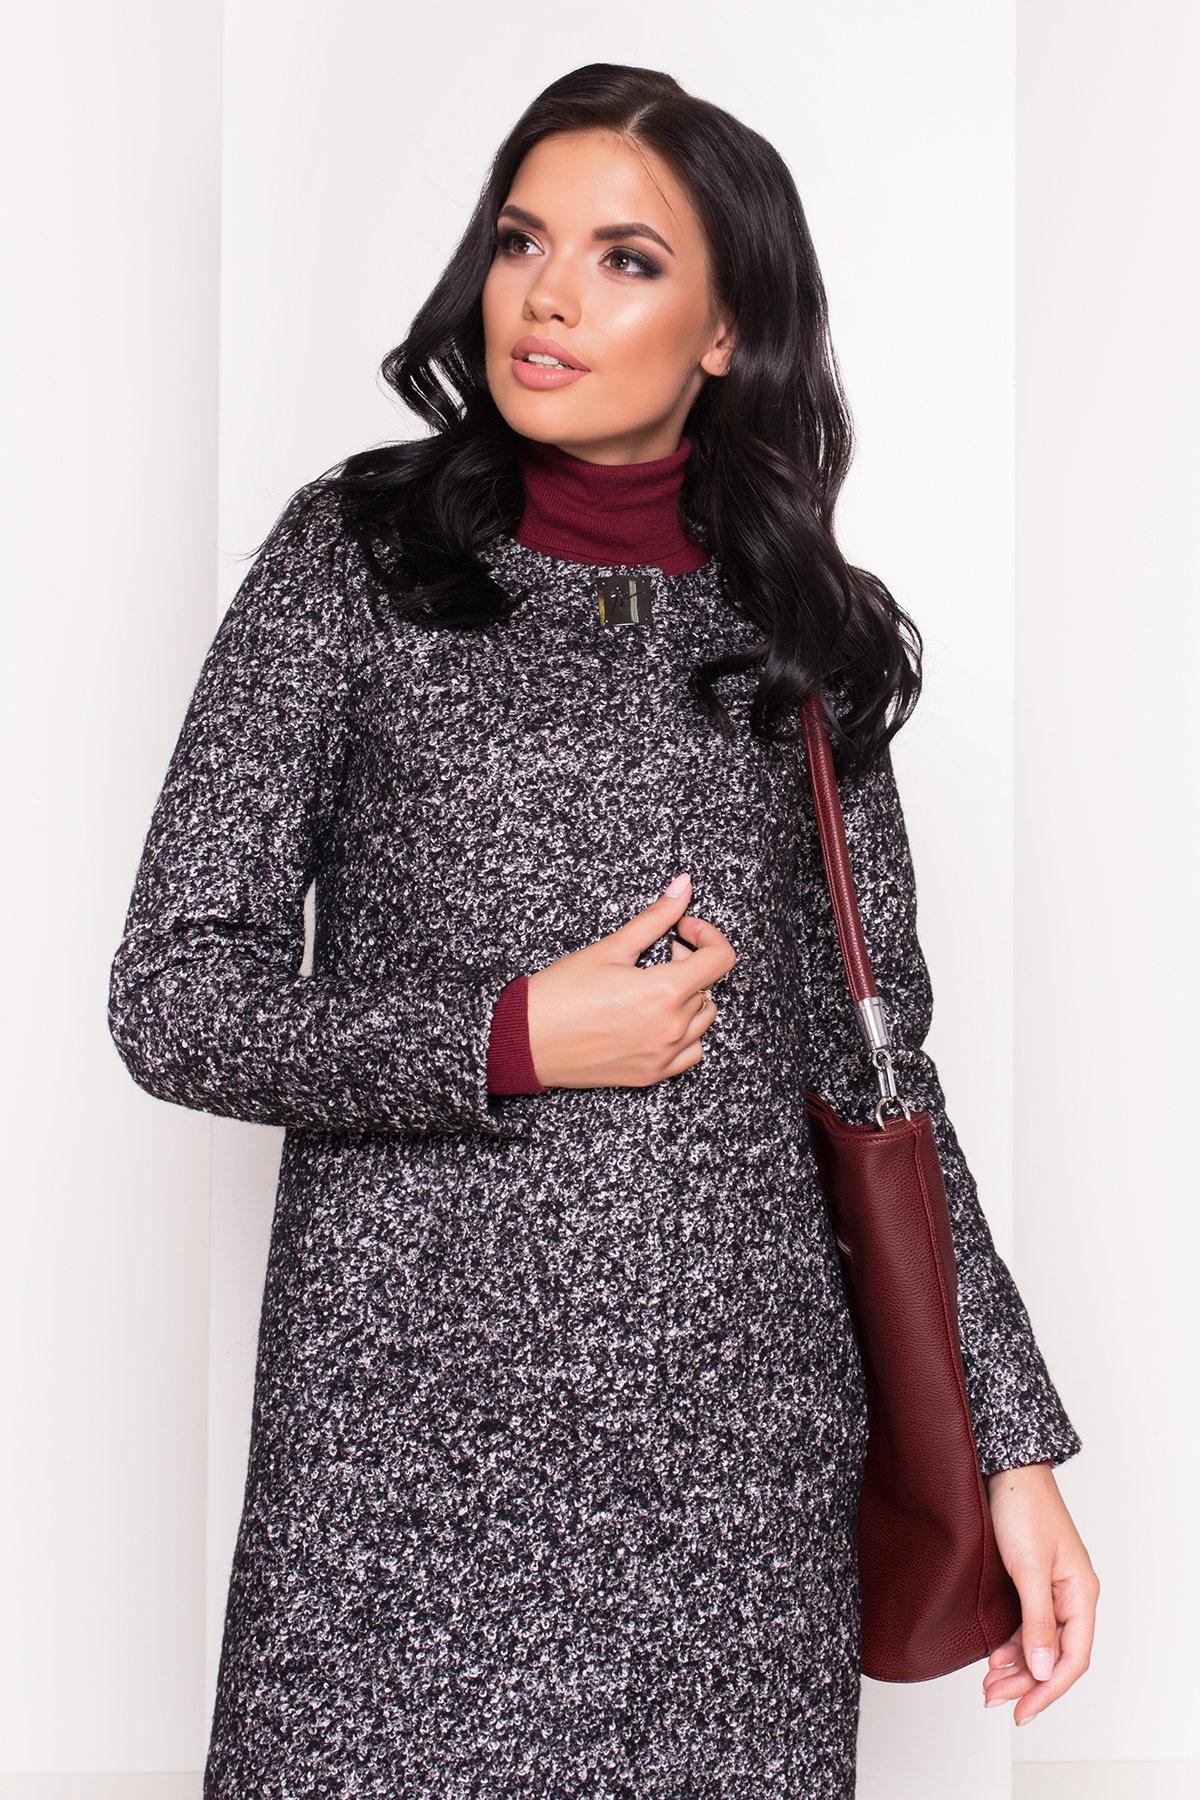 Пальто Фортуна 0904 АРТ. 8184 Цвет: Черный / серый 6 - фото 3, интернет магазин tm-modus.ru